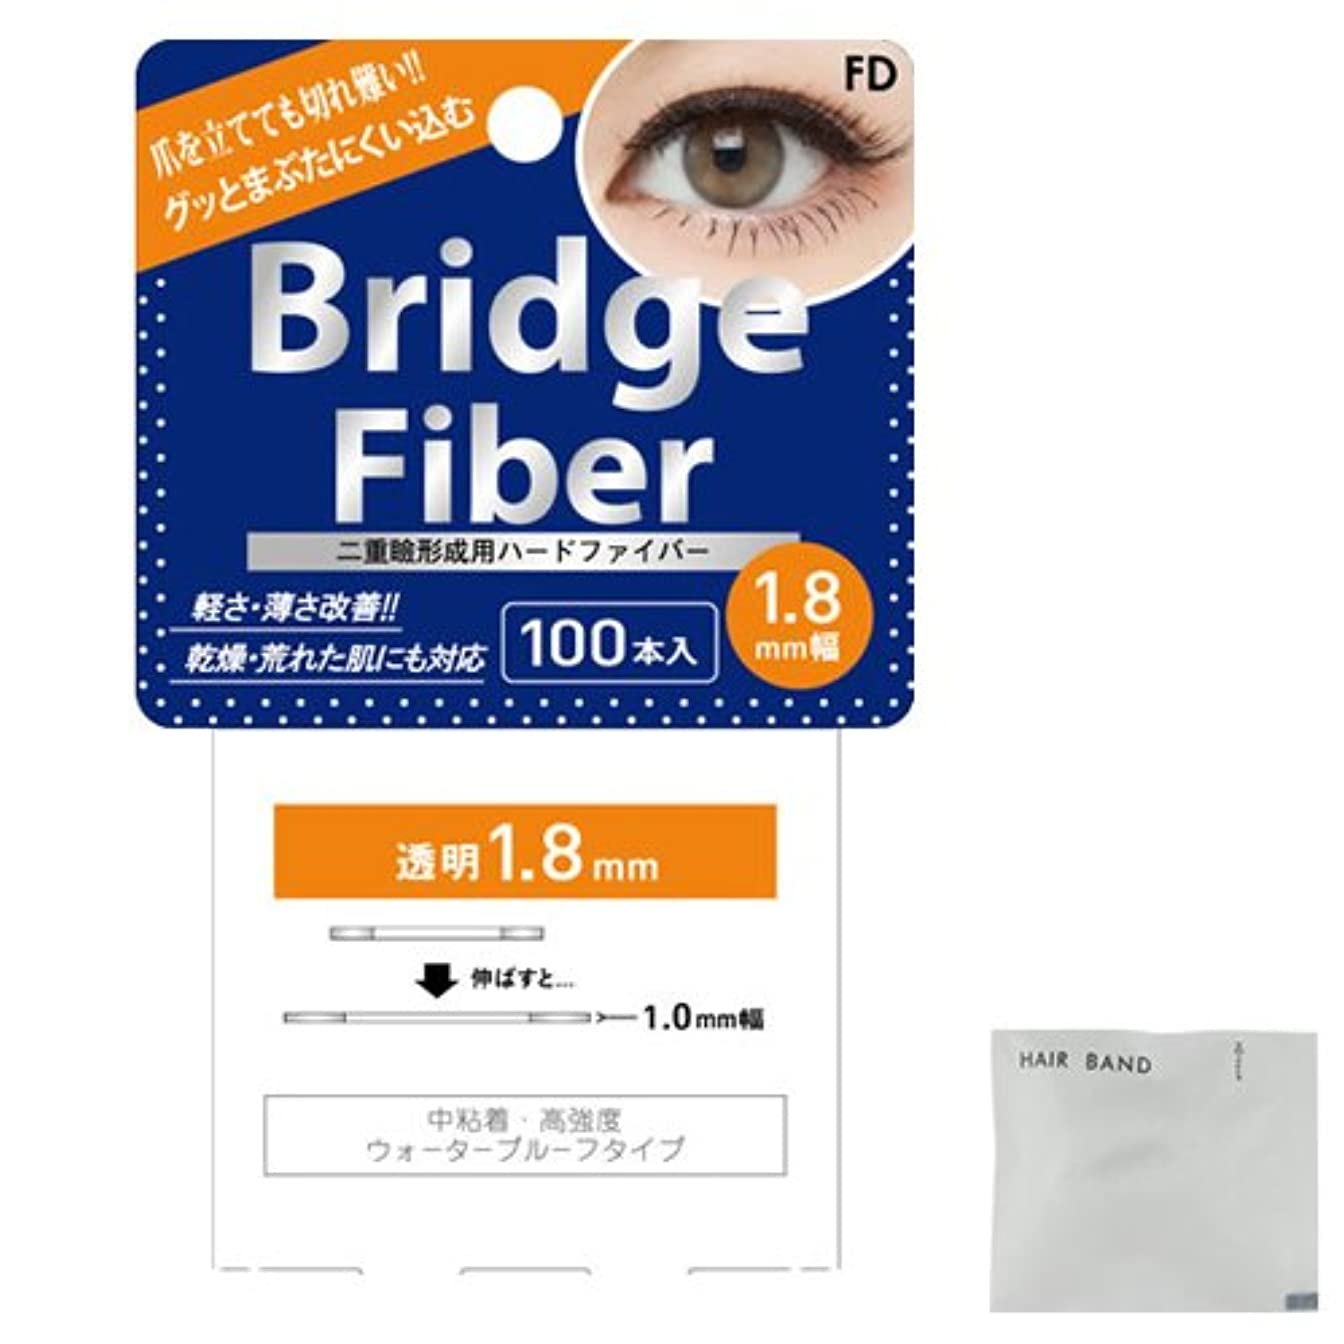 可決囚人懐FD ブリッジファイバーⅡ (Bridge Fiber) クリア1.8mm + ヘアゴム(カラーはおまかせ)セット